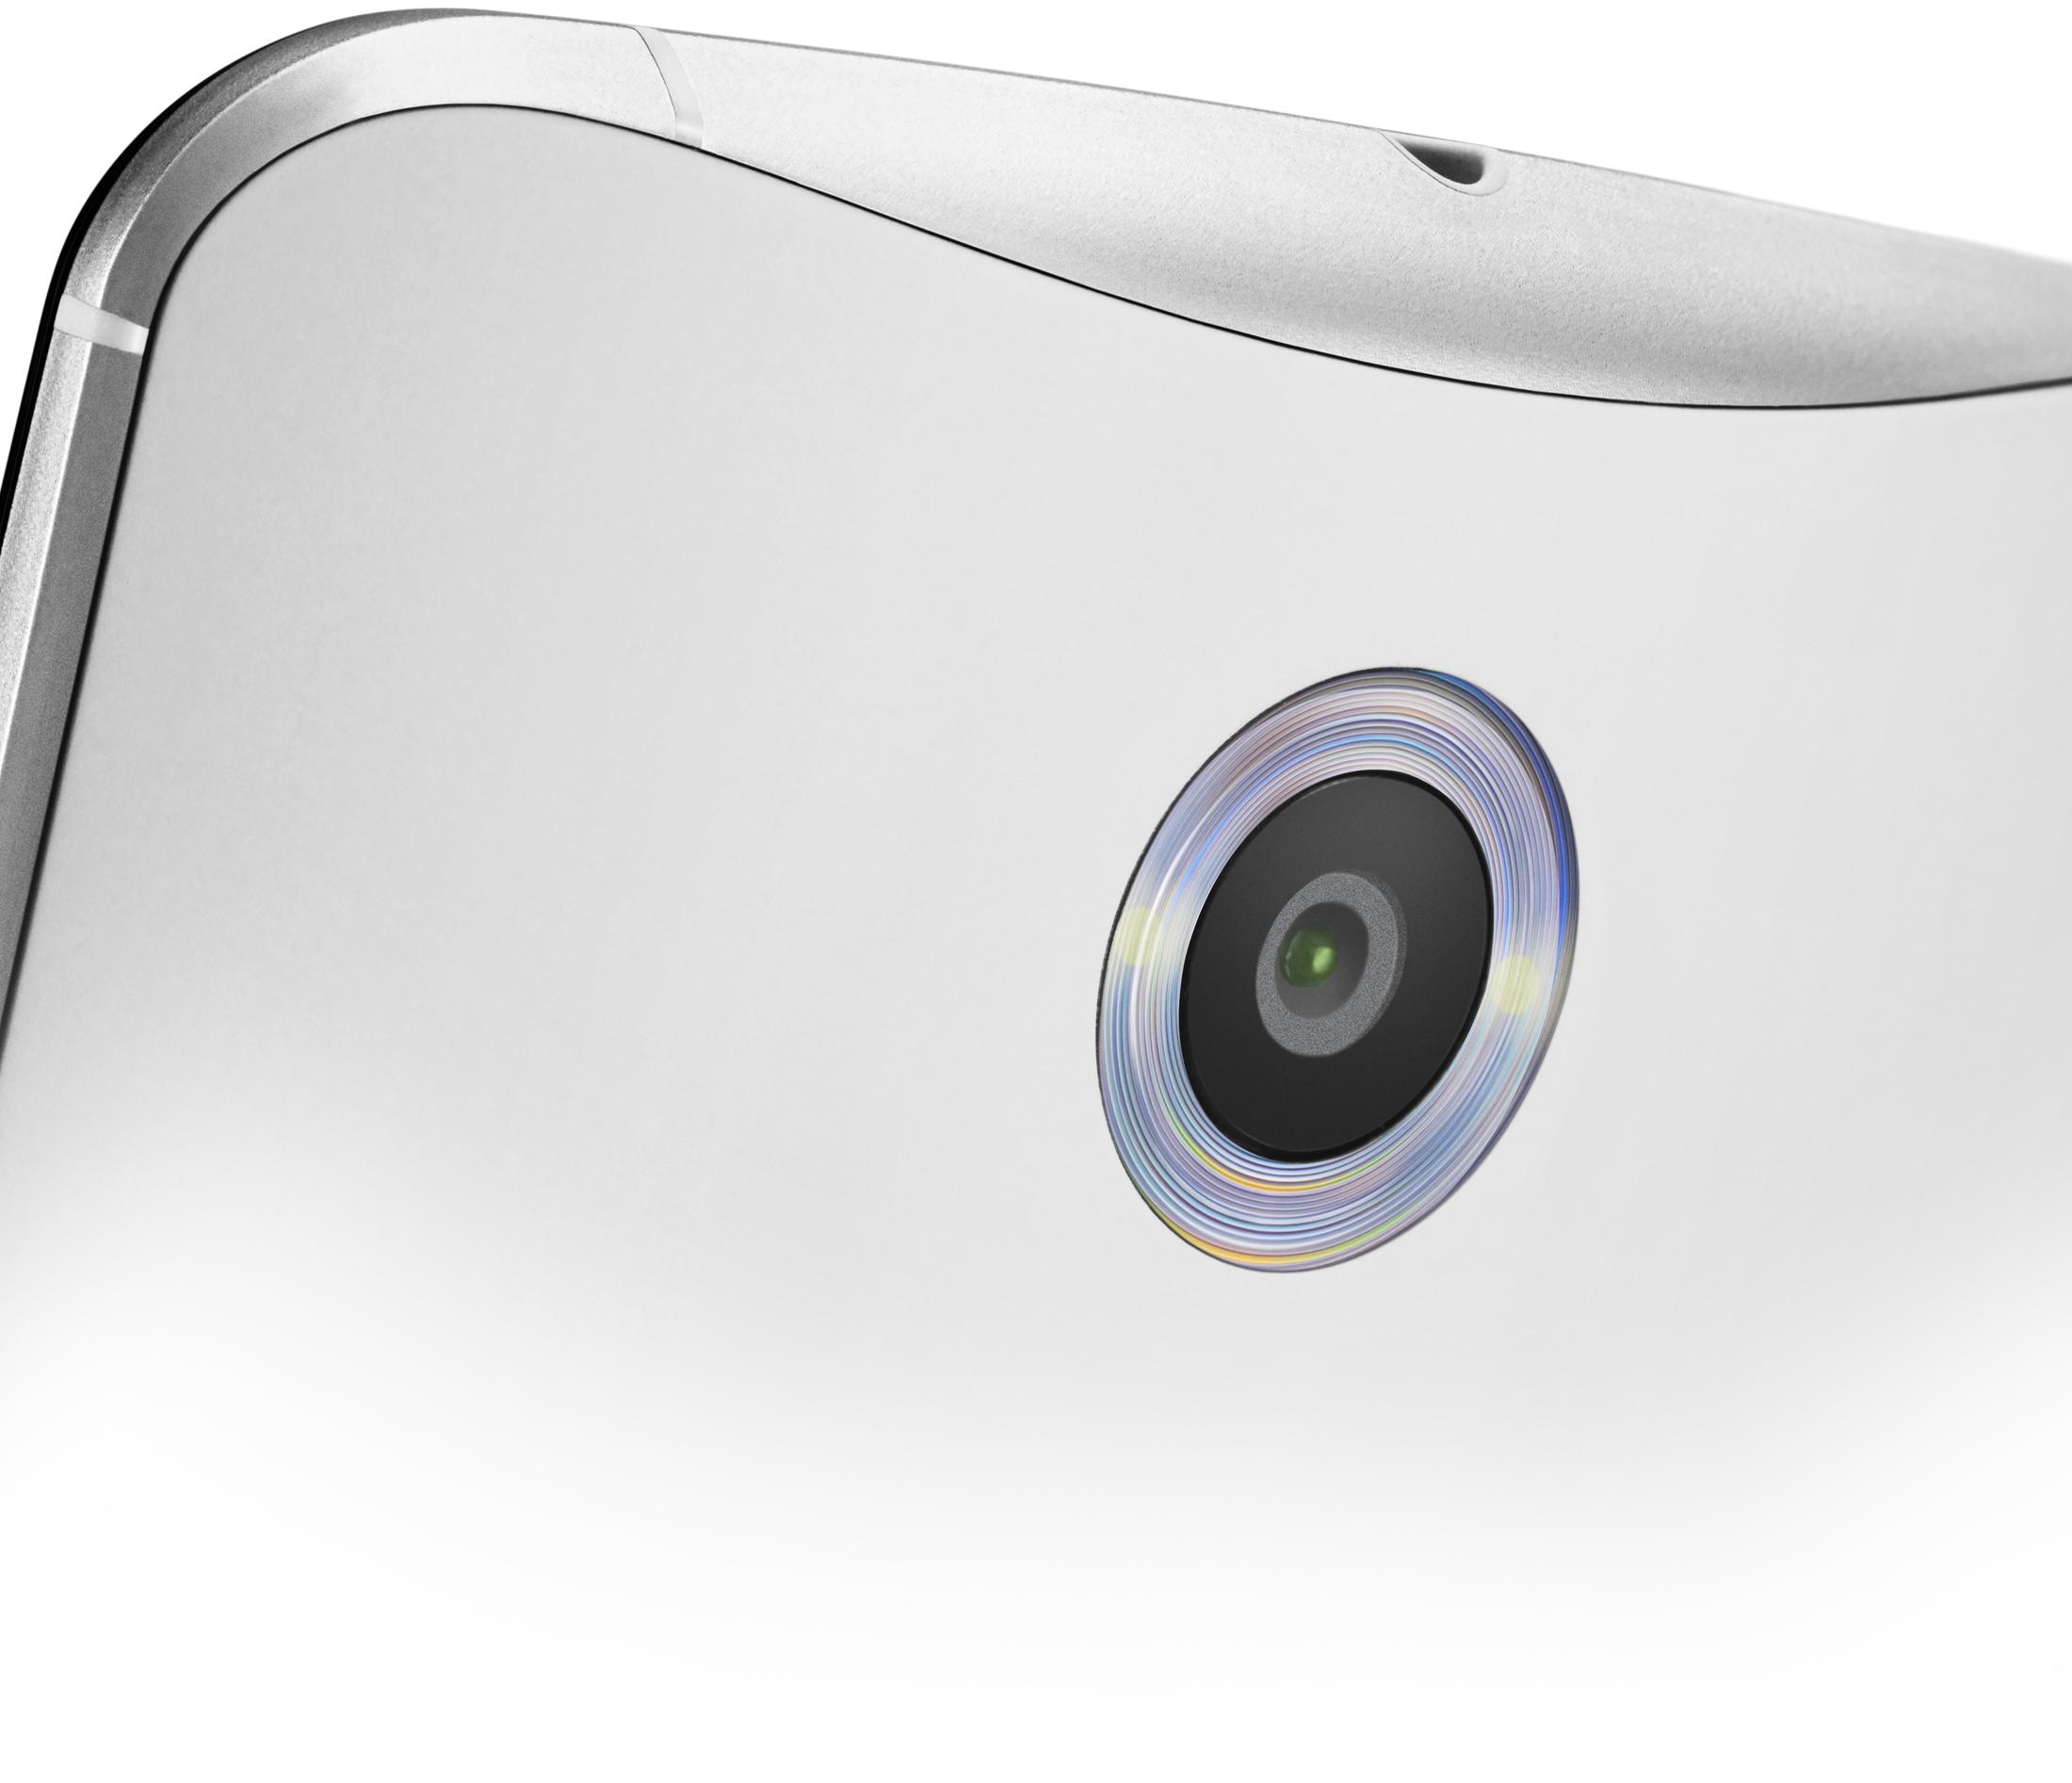 nexus_N6-camera